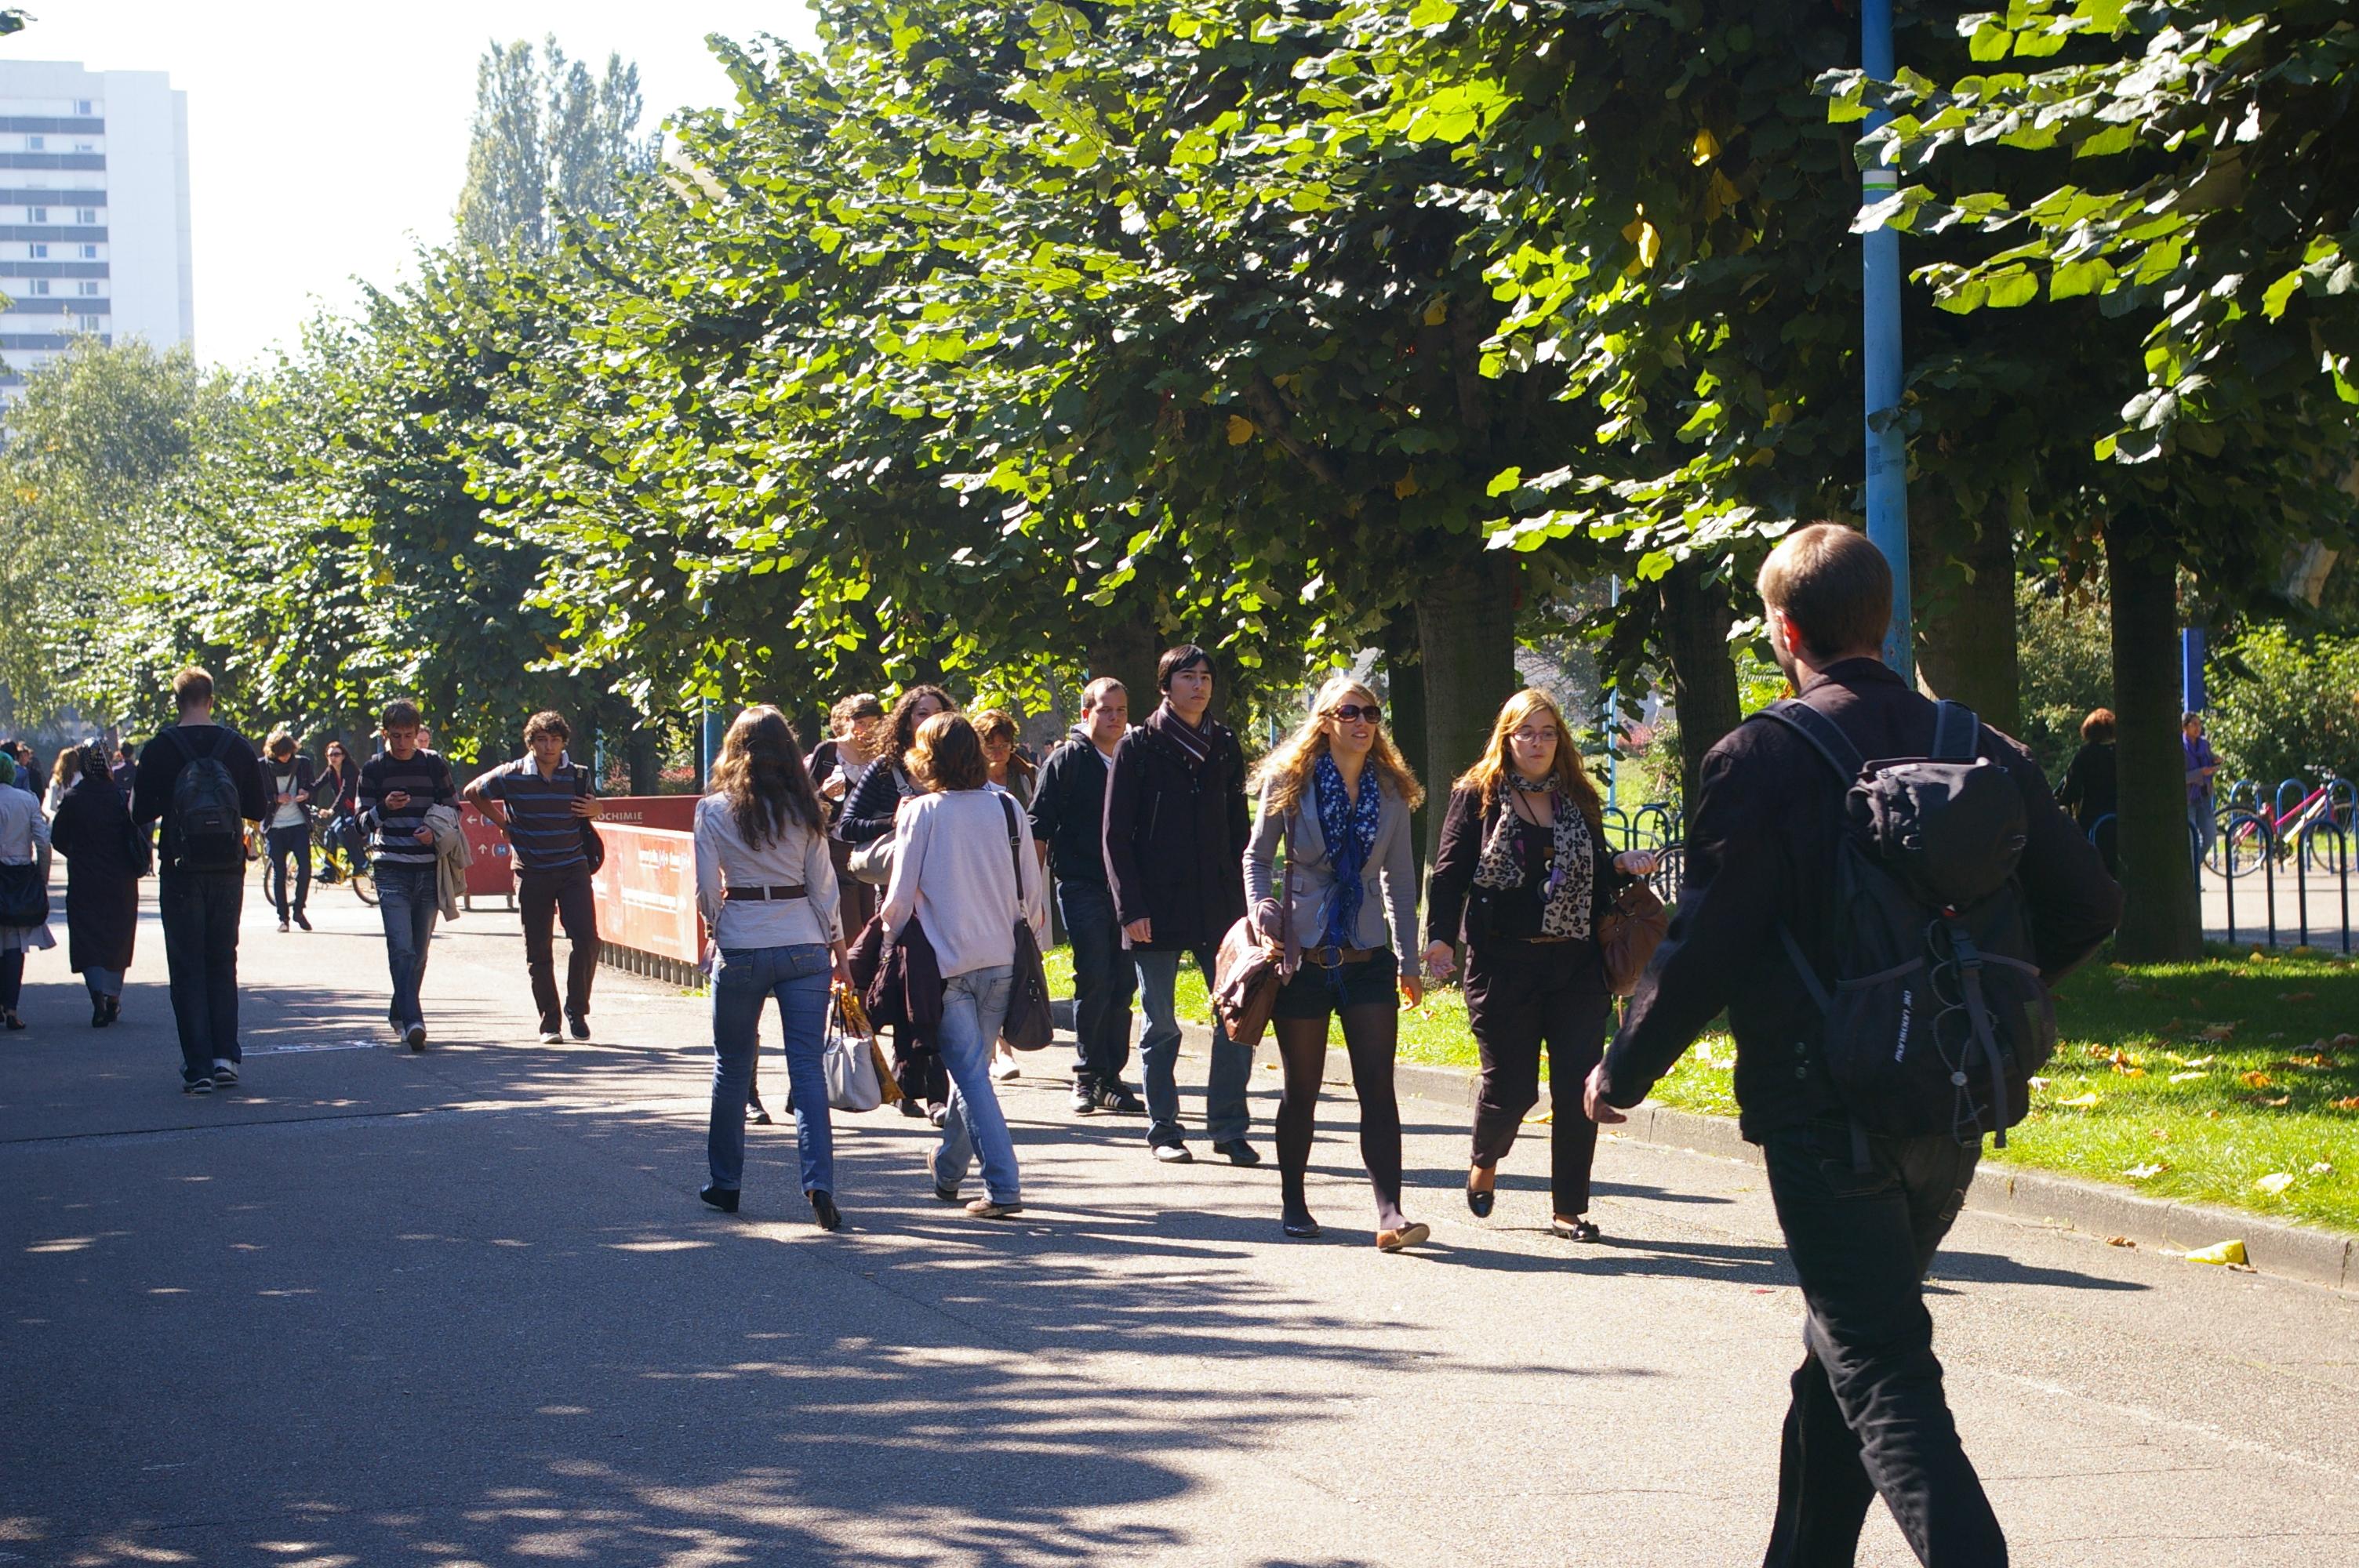 Strasbourg Campus